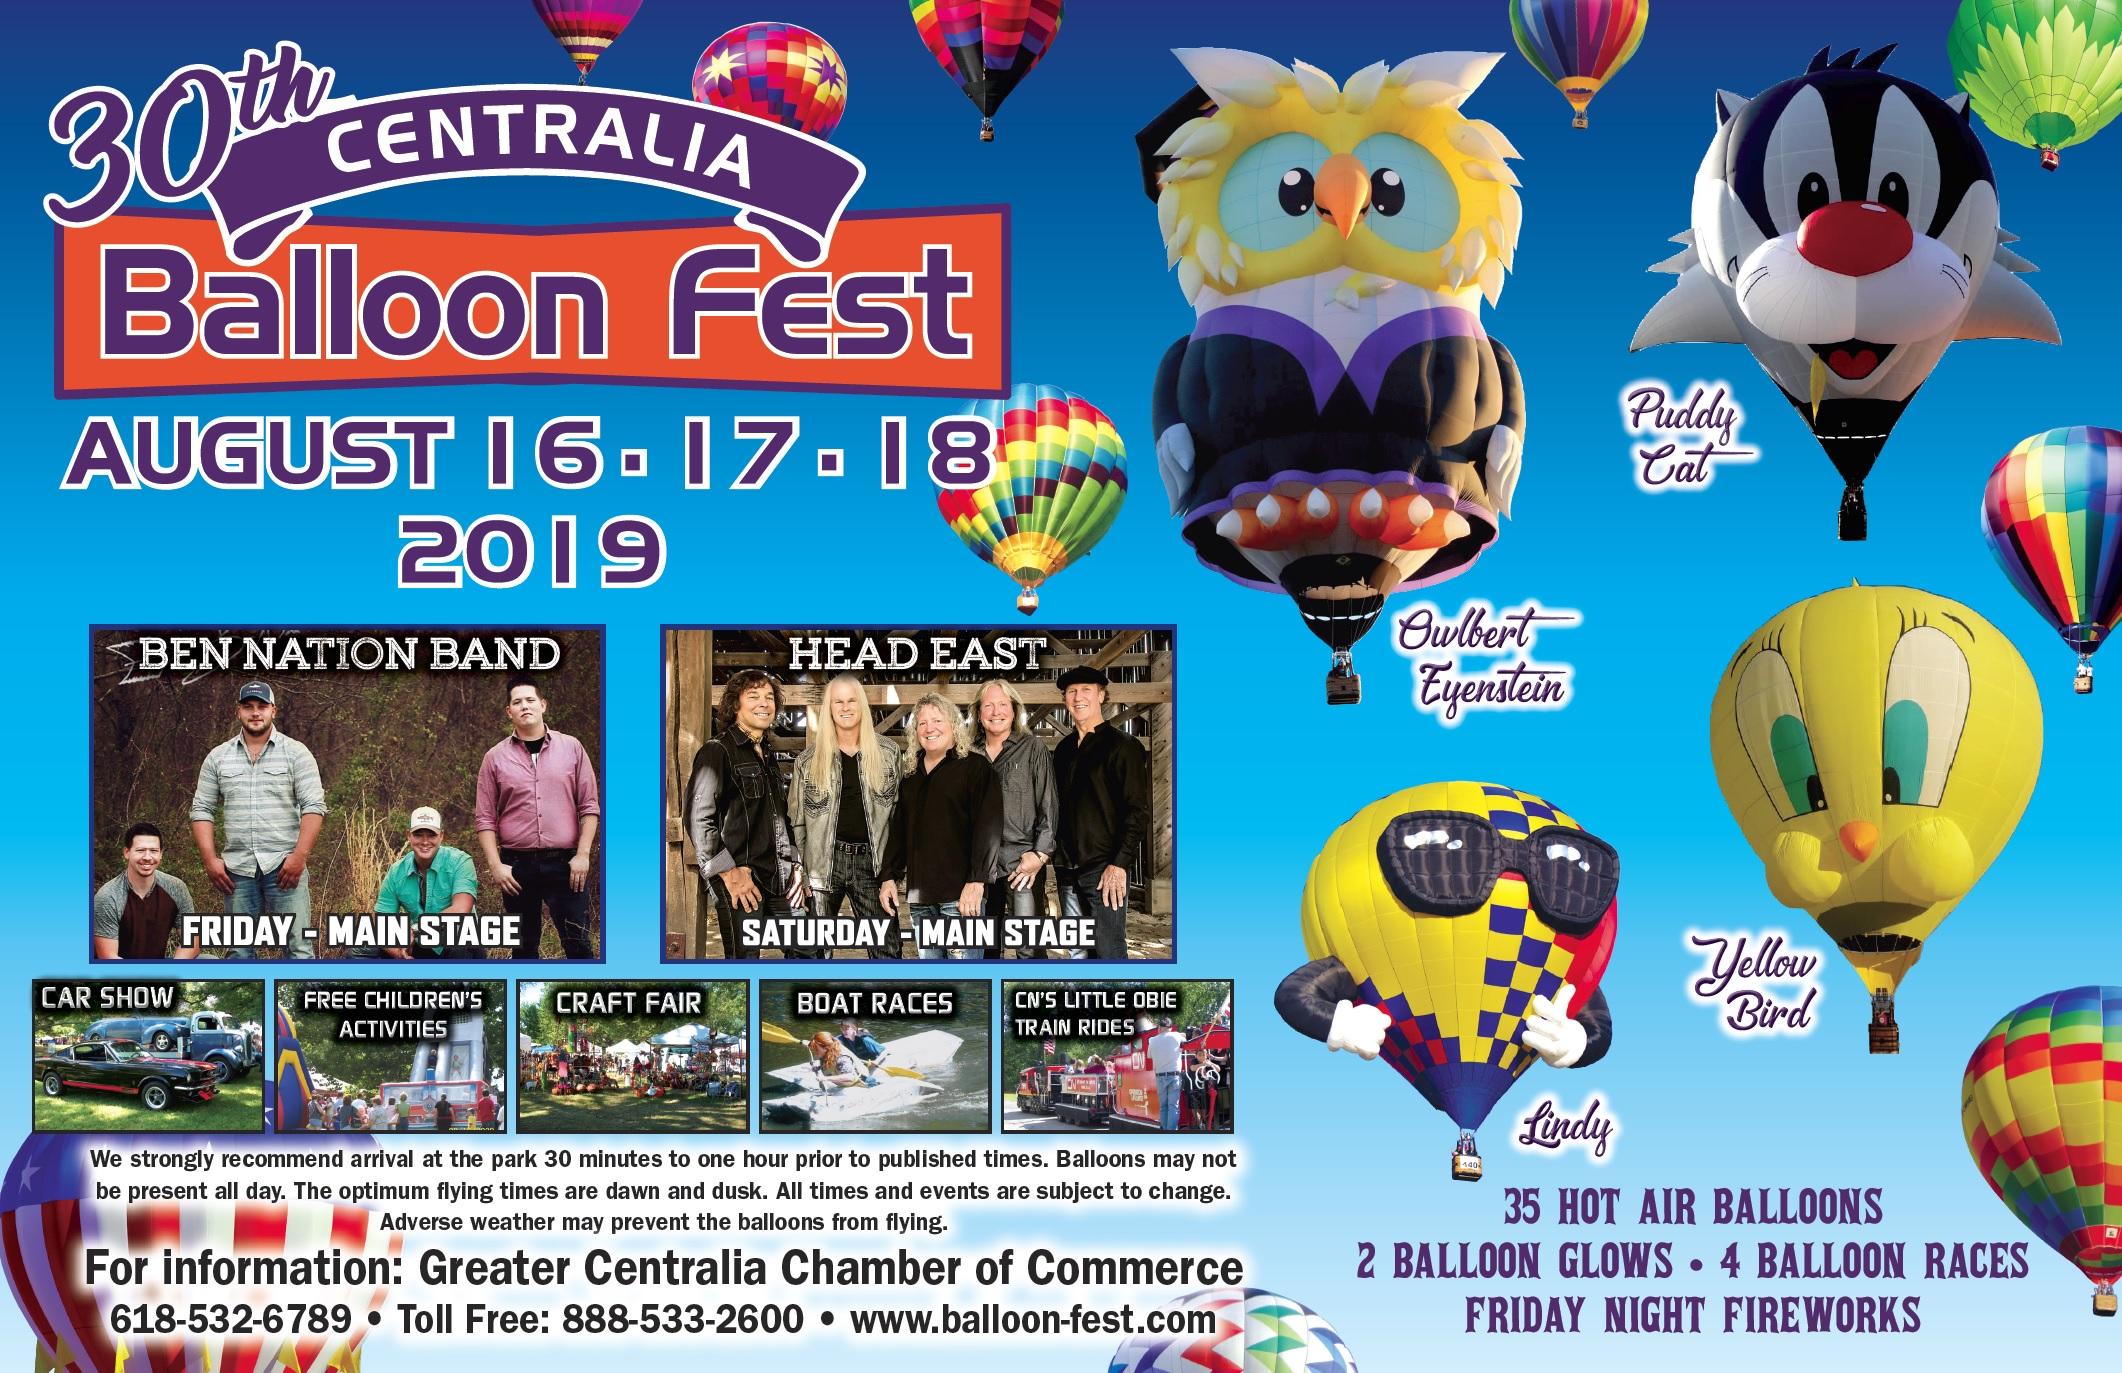 Balloon Fest Poster 2019.jpg